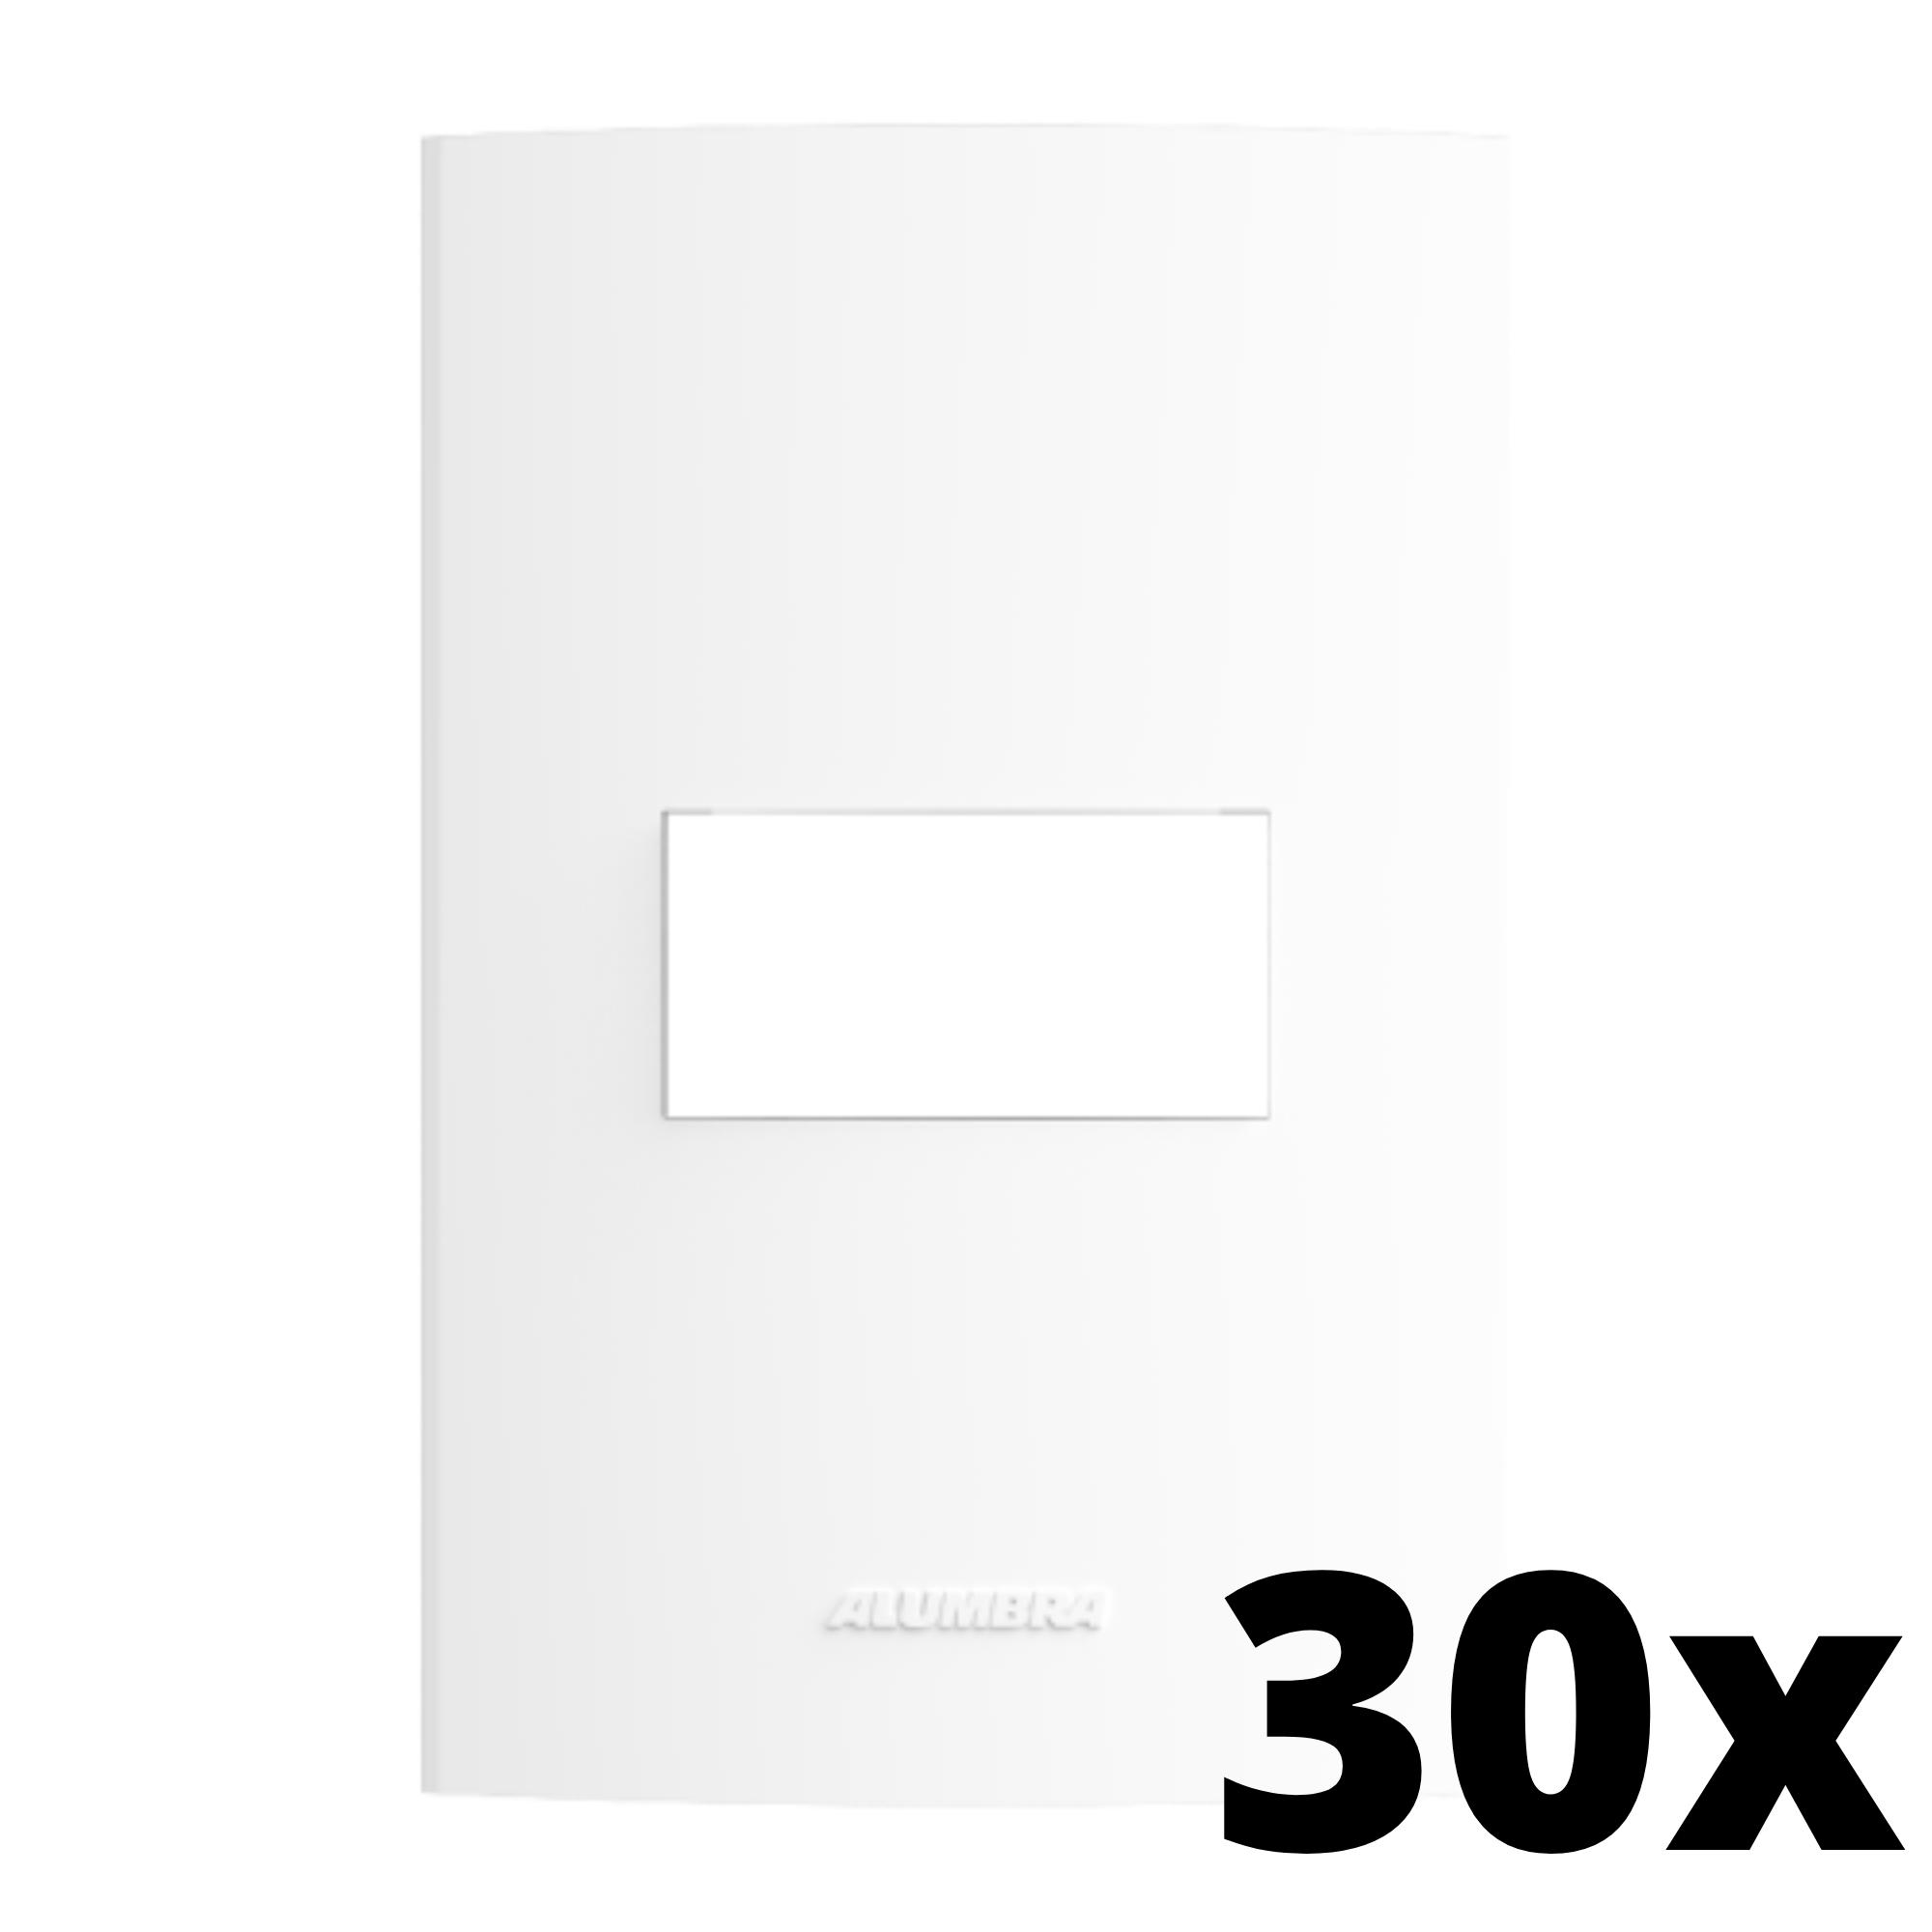 Kit 30 und Inova Pró Placa 4x2 1 Seção